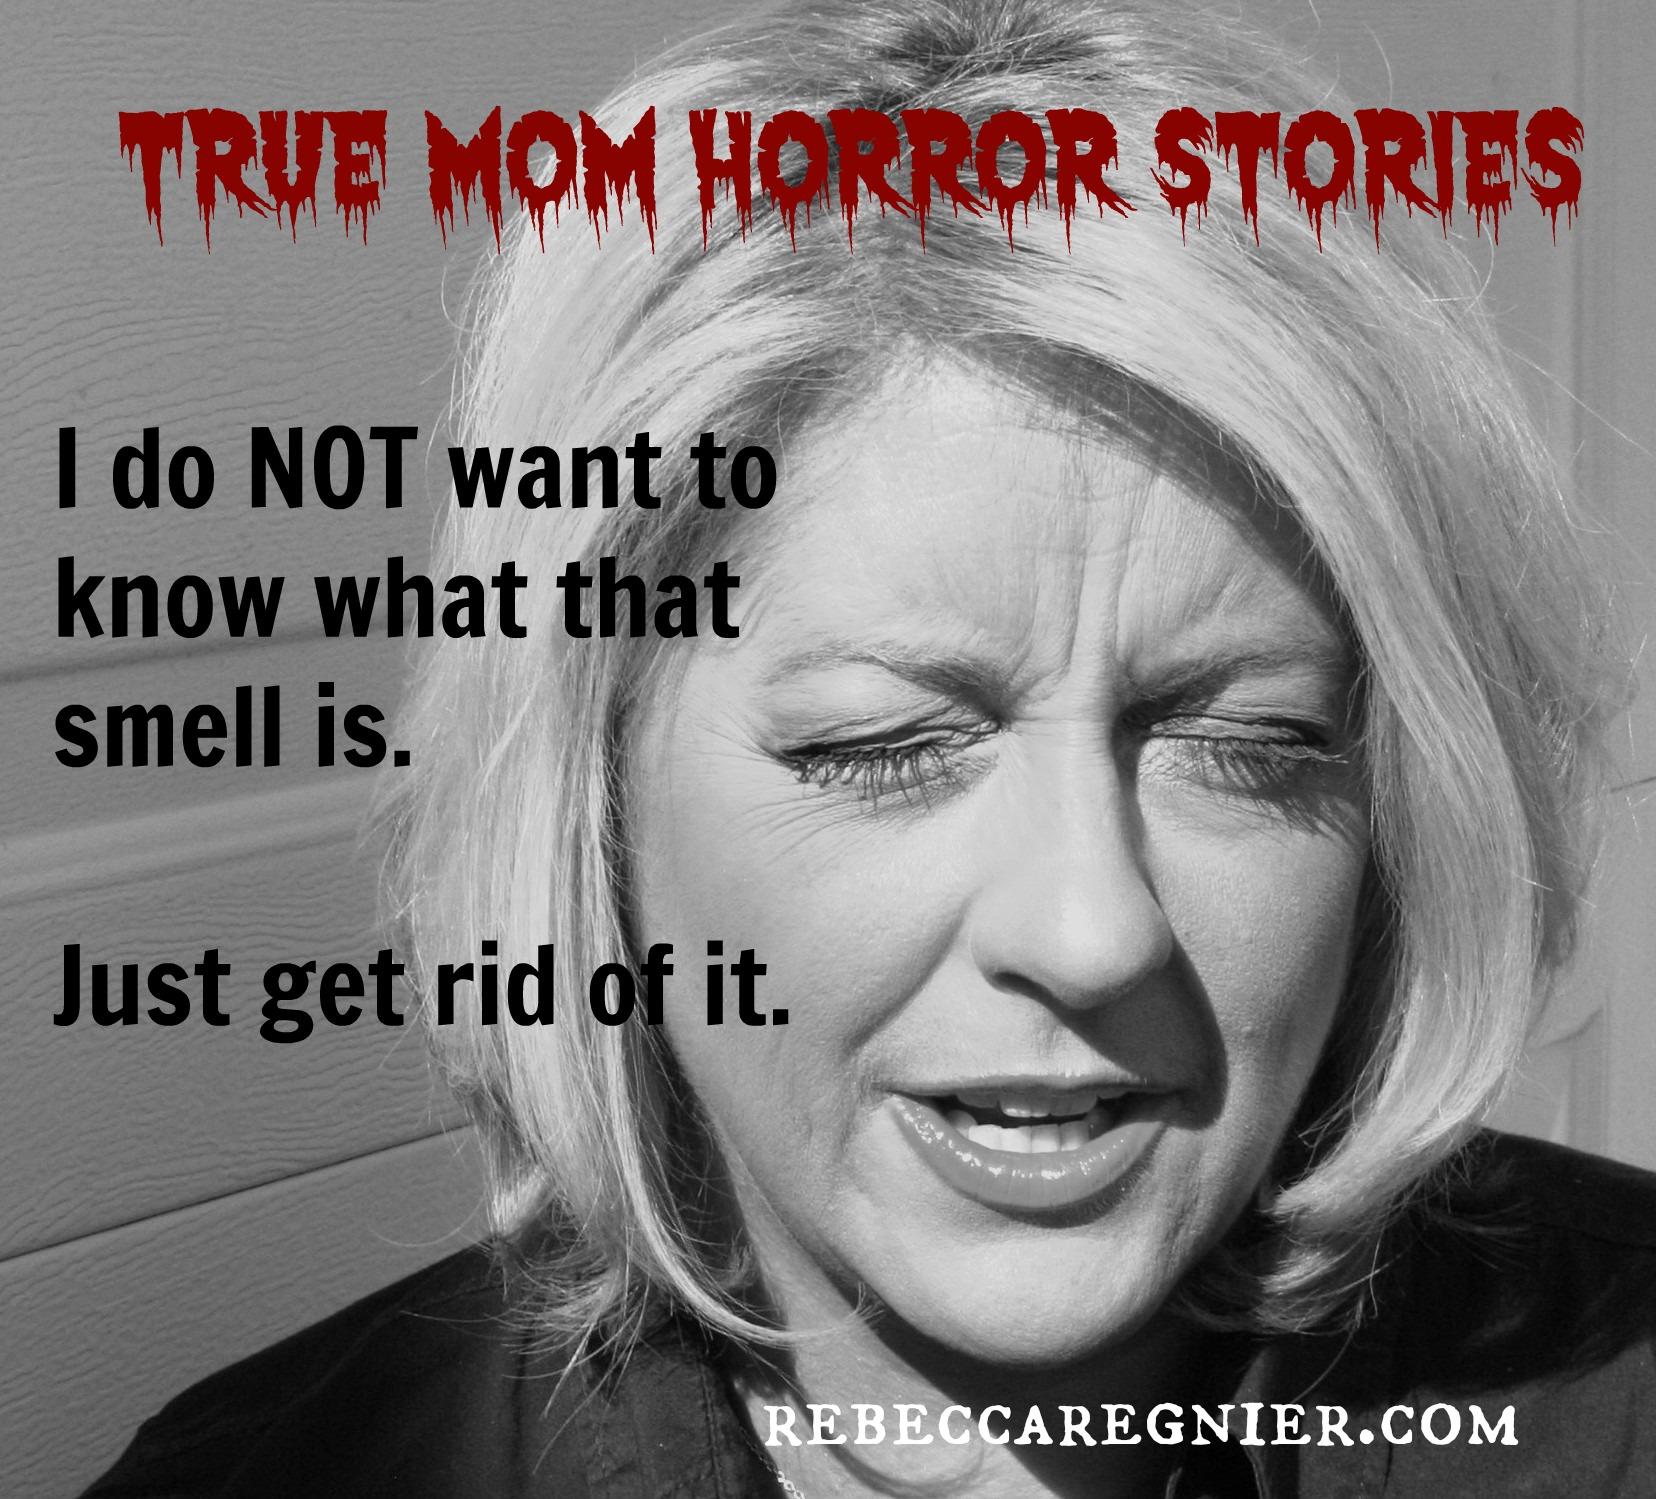 truemomhorror